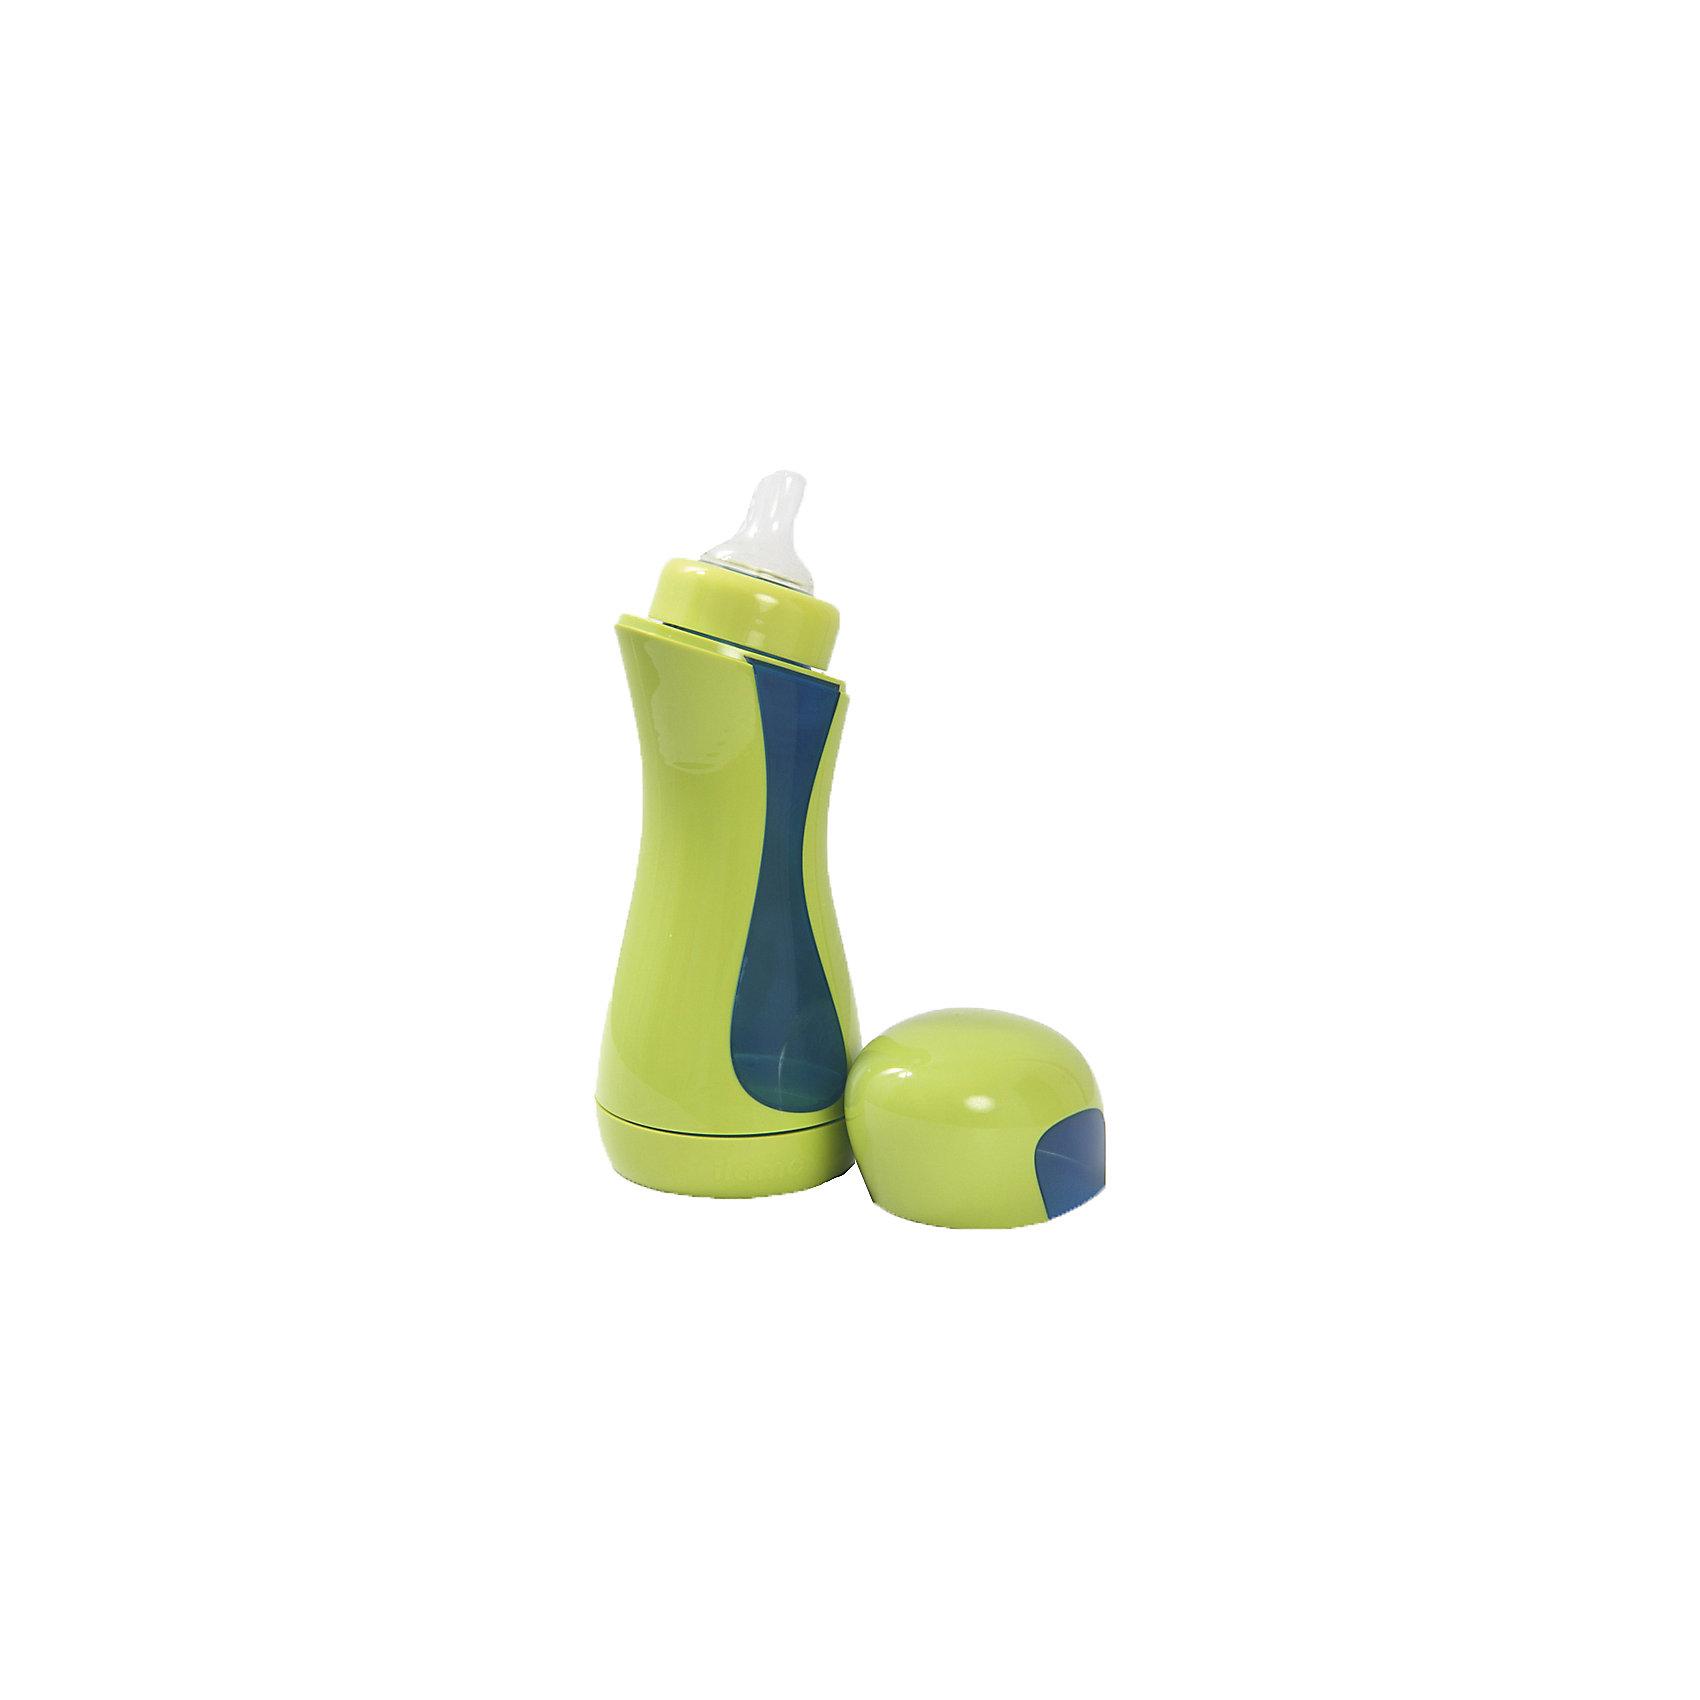 Бутылочка Home, Iiamo, зеленый/синий (-)